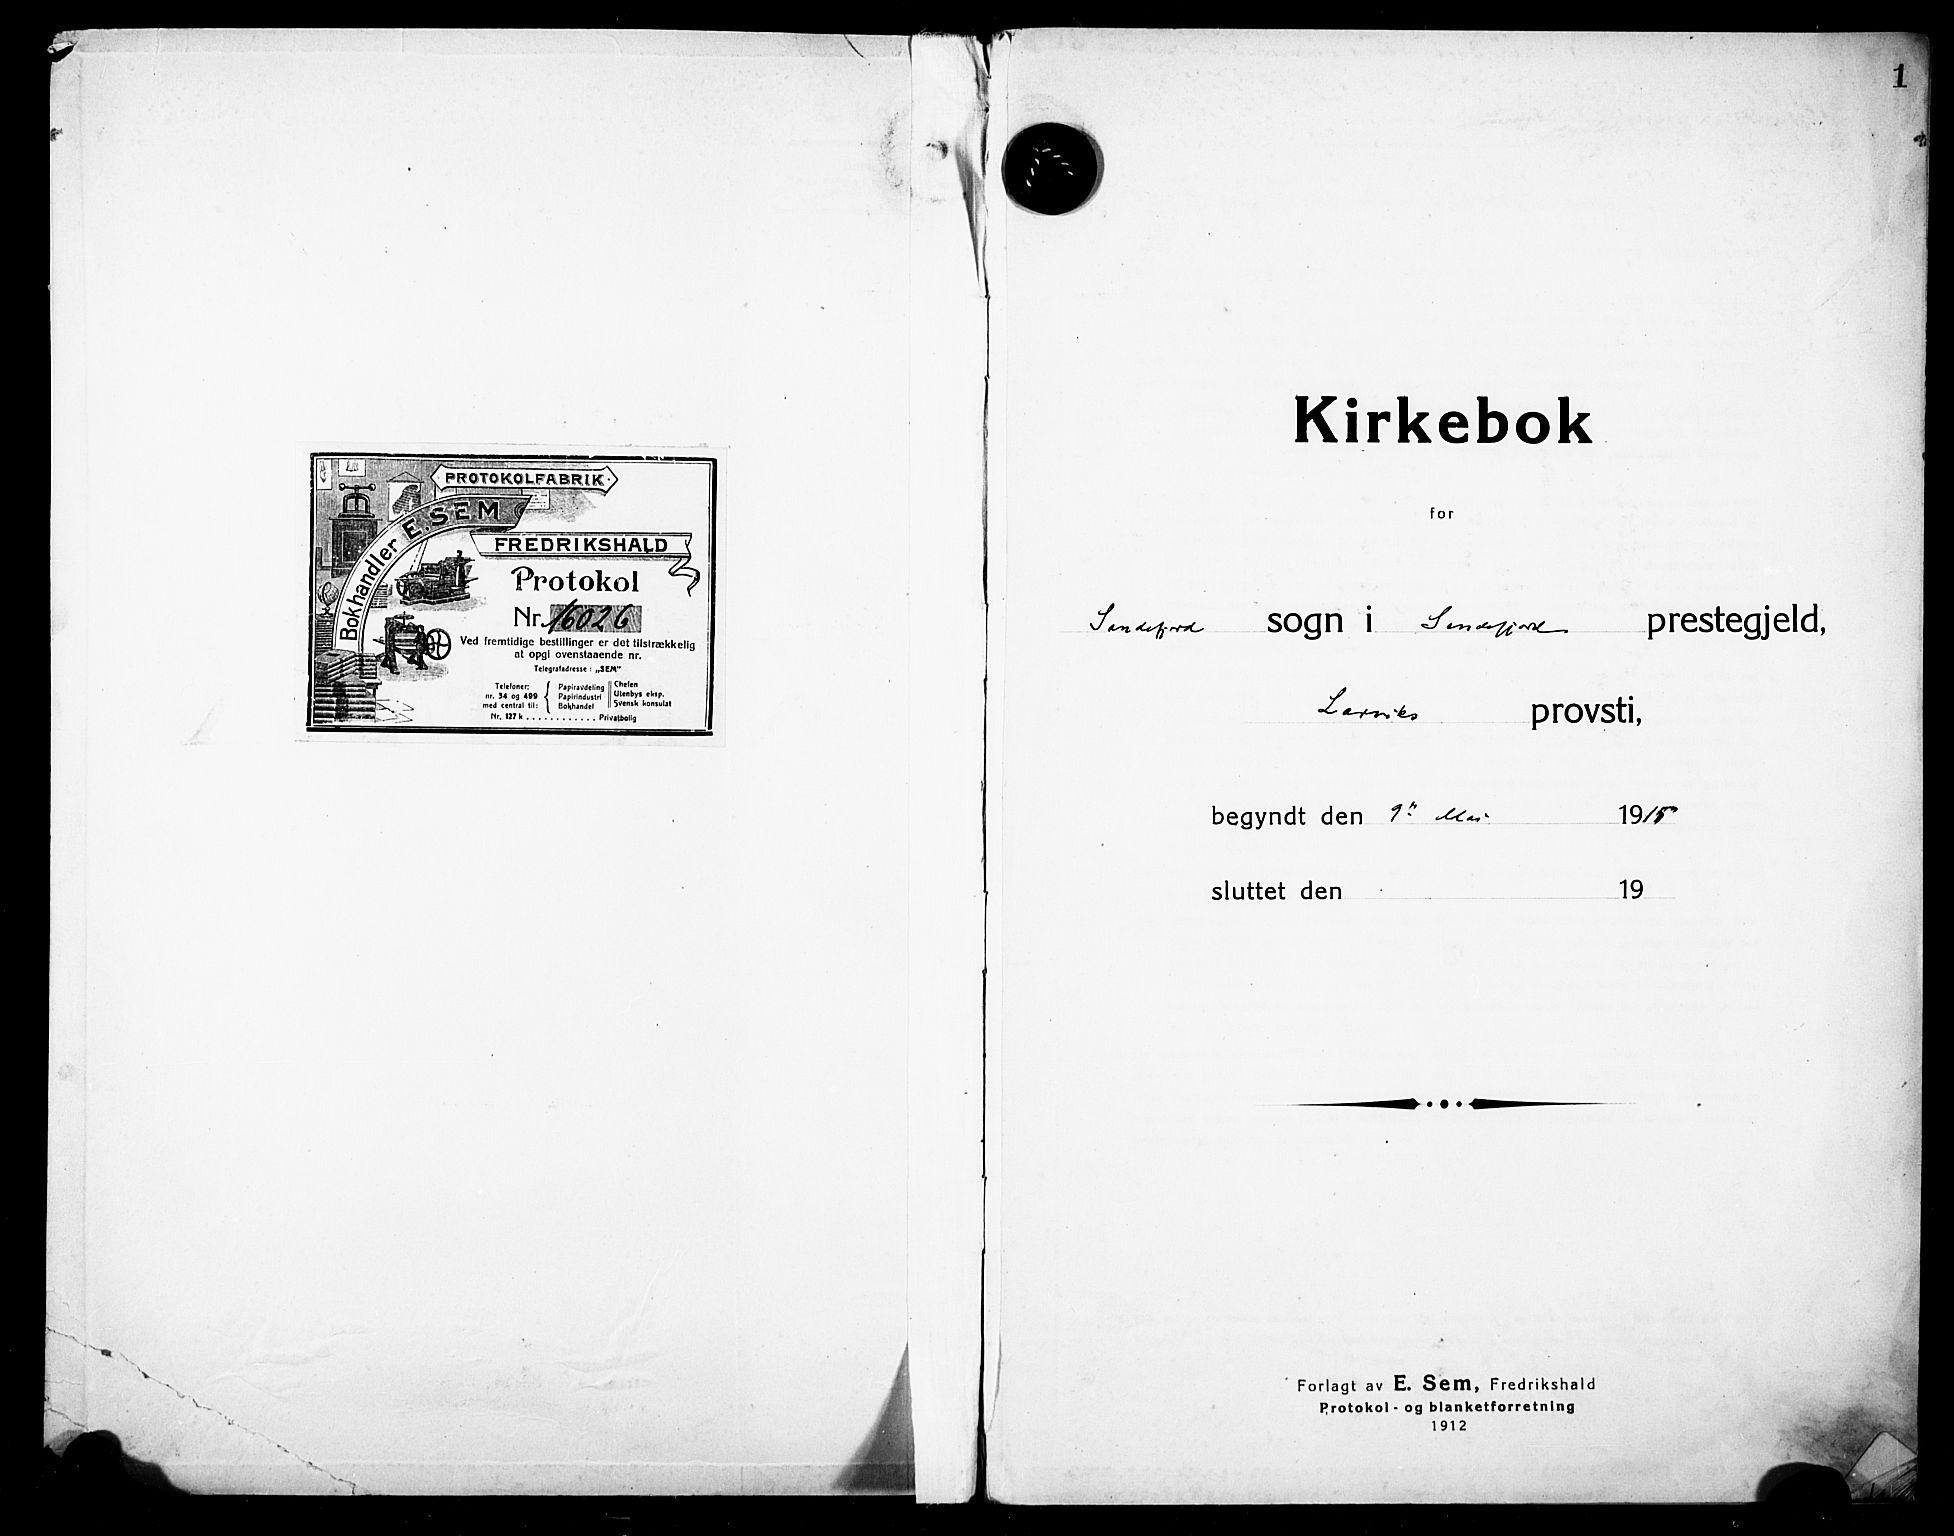 SAKO, Sandefjord kirkebøker, F/Fa/L0006: Ministerialbok nr. 6, 1915-1930, s. 1